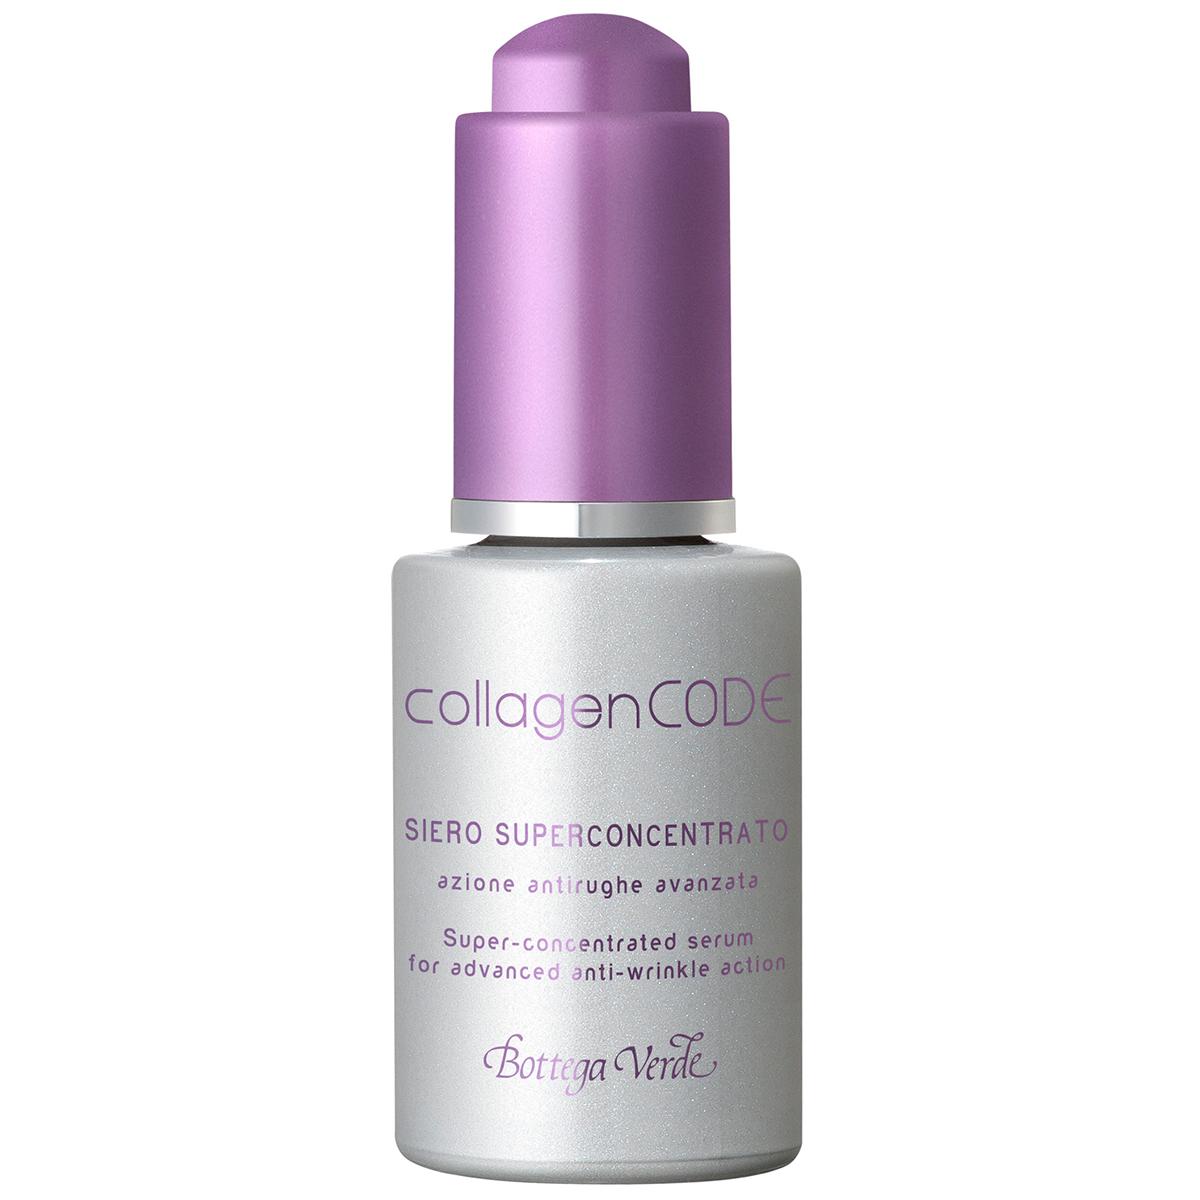 Collagencode - Ser Super-concentrat  Cu Actiune Antirid Avansata  Cu Colagen Vegetal Si Elastindefence ™ Hidratanta